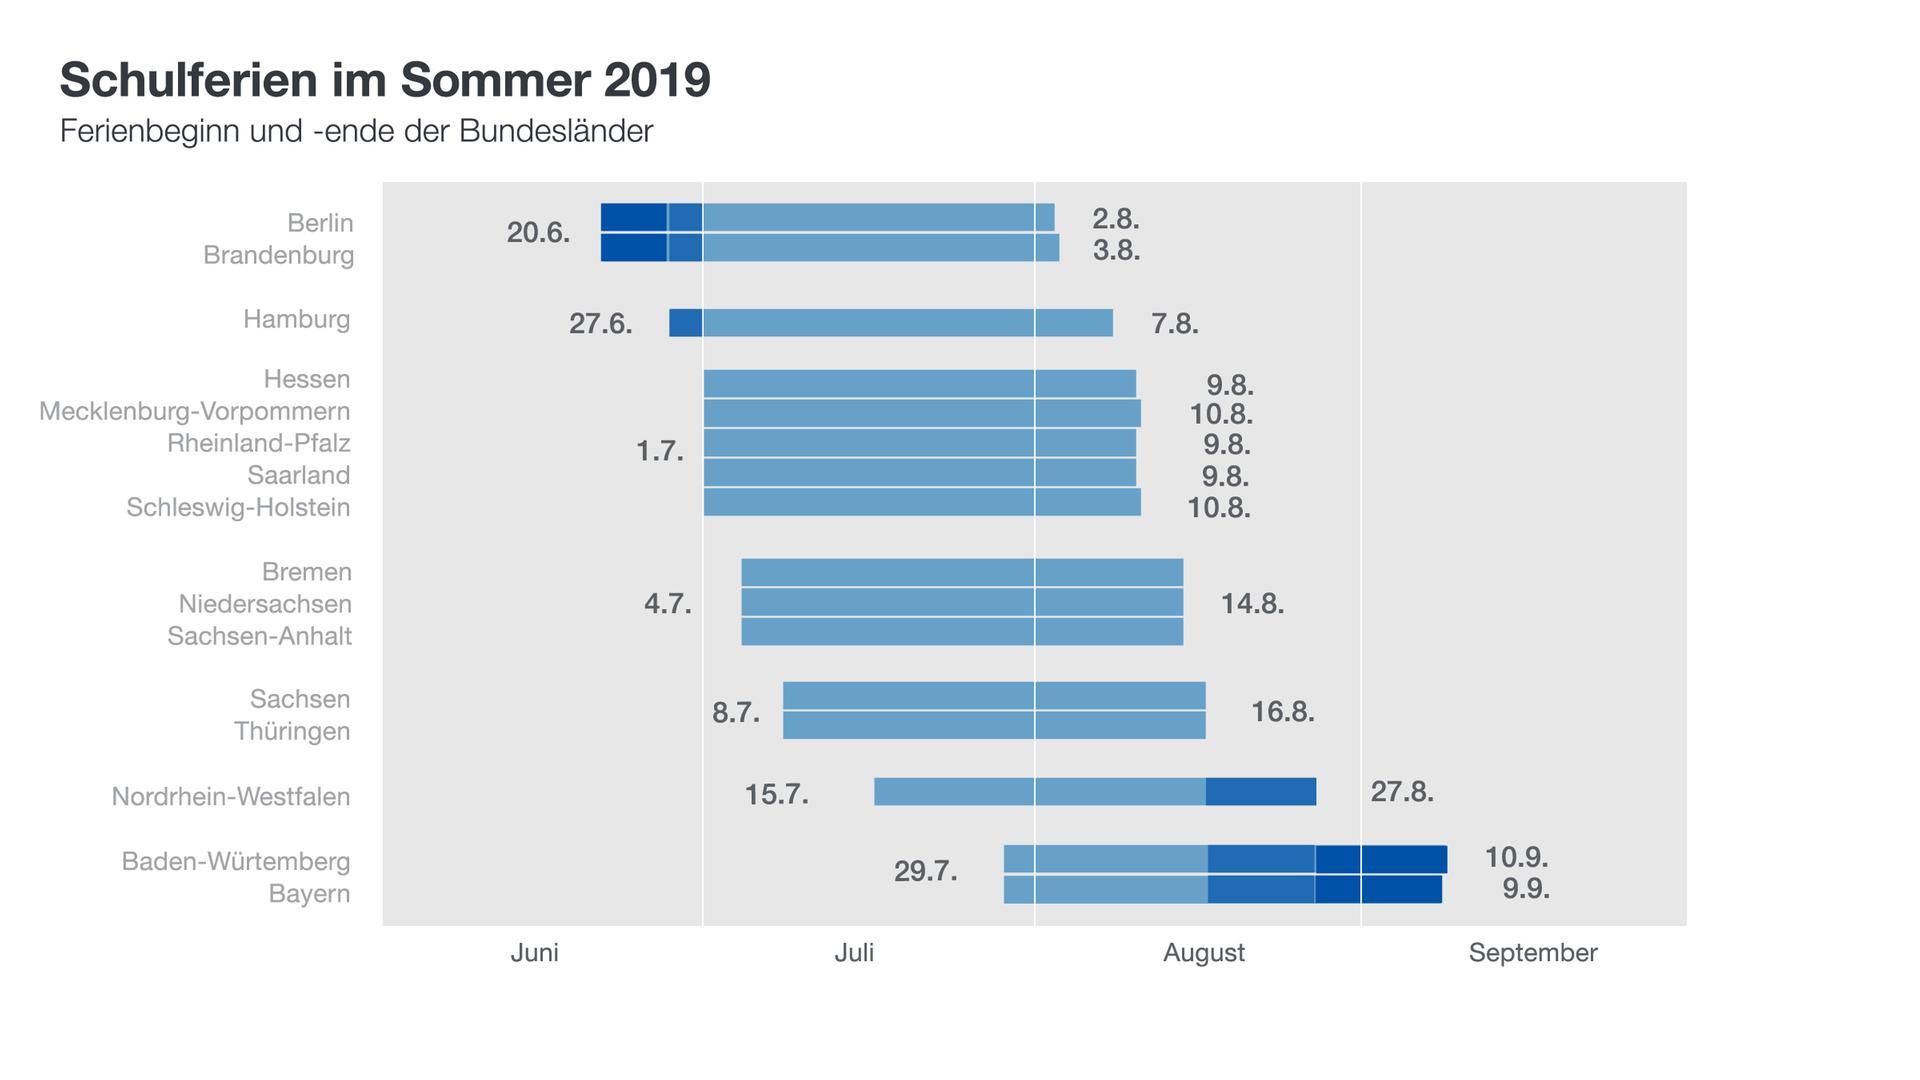 Sommerferien Deutschland 2020 Ferien Bayern 2020 2019 11 20